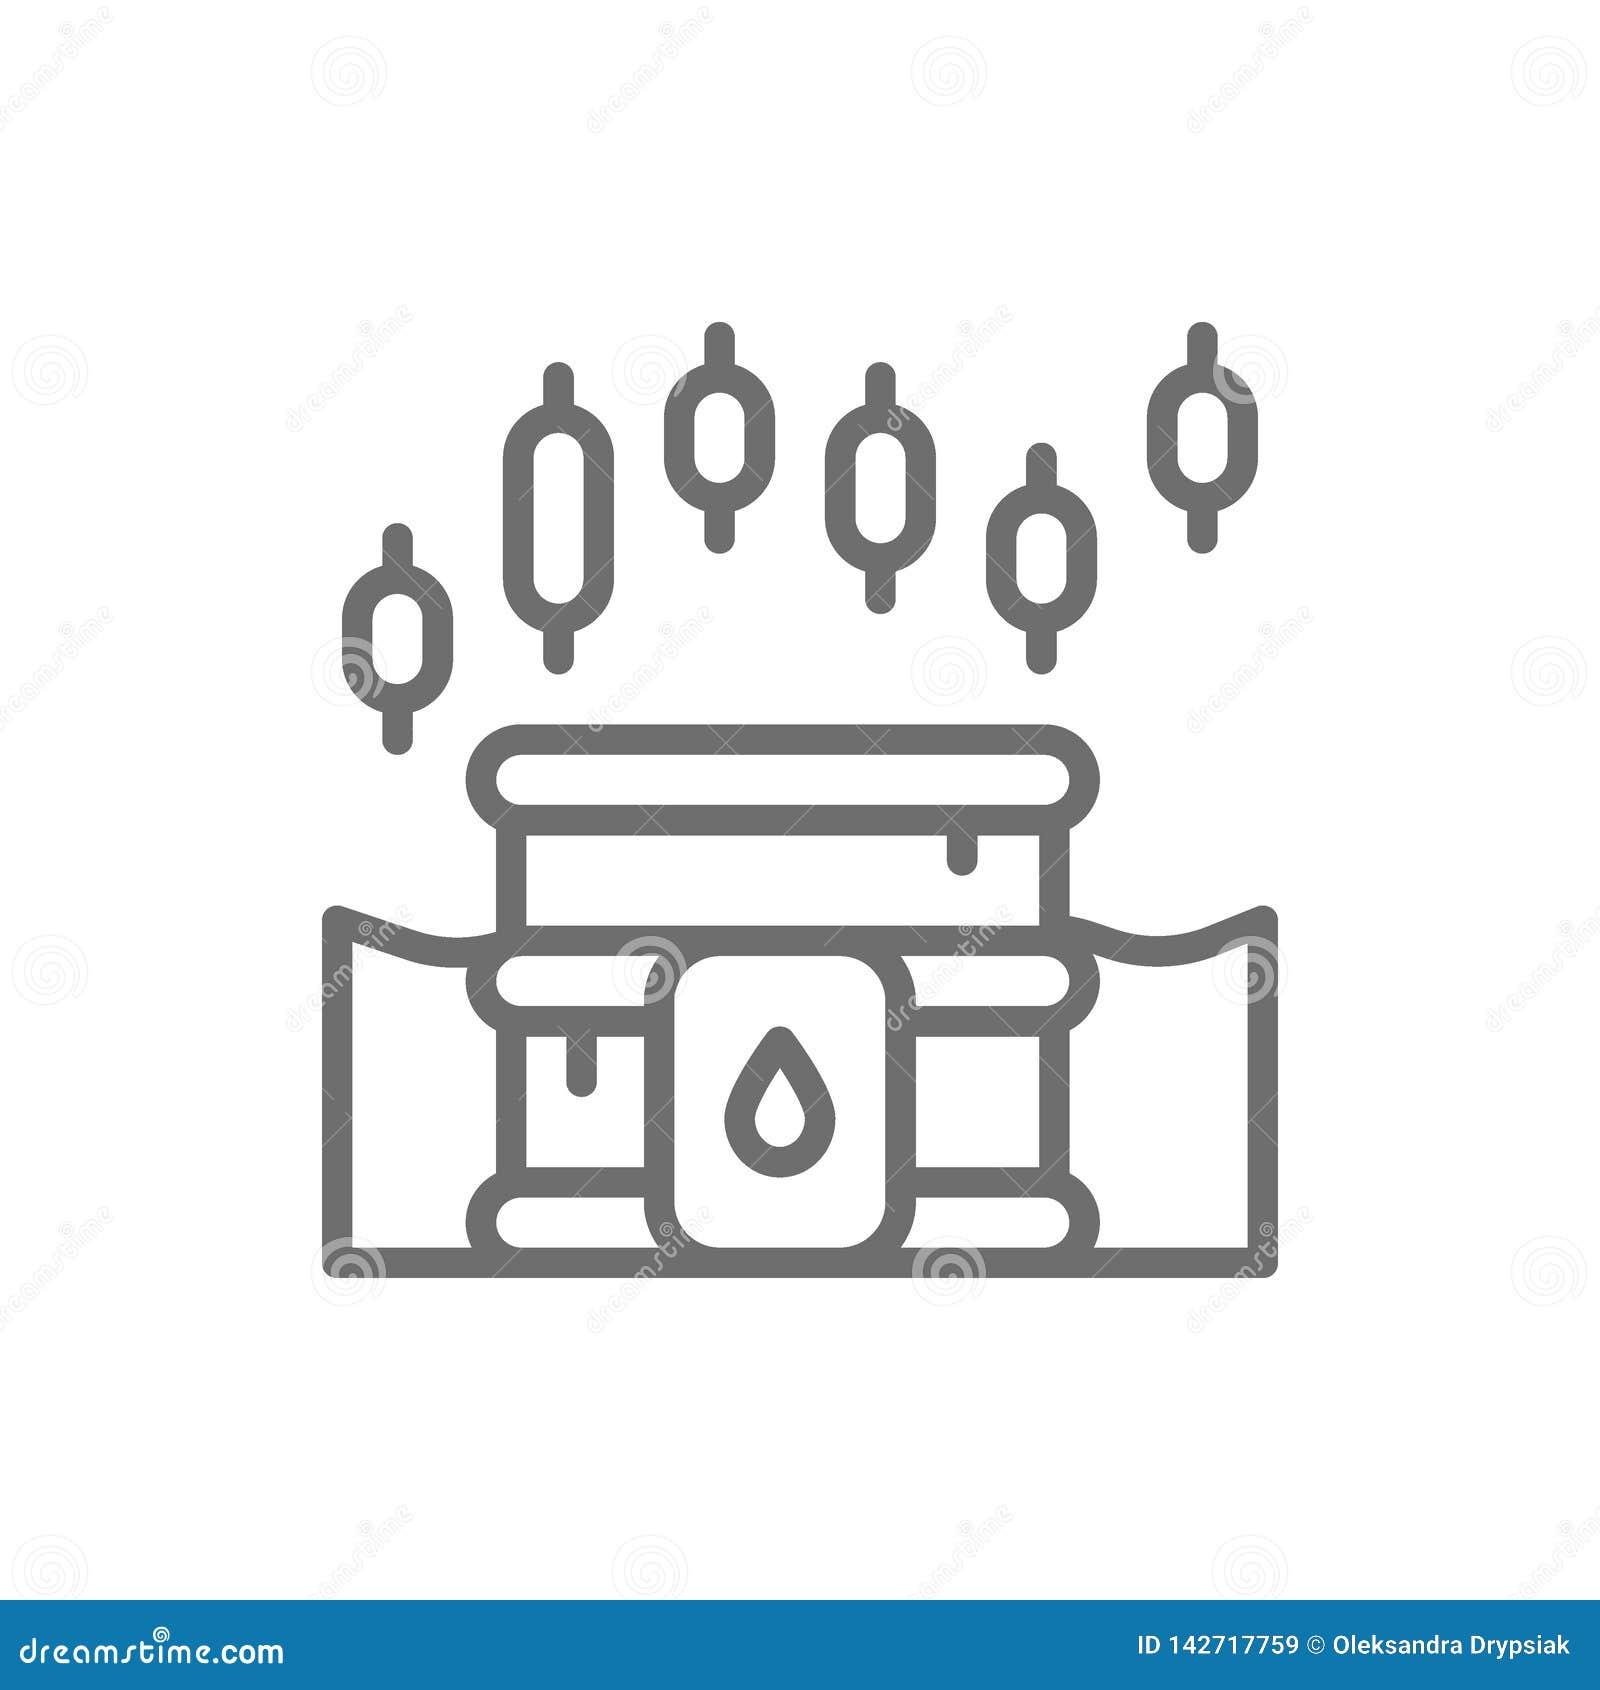 Carta de crecimiento del índice del barril de aceite, precio creciente de combustible, línea icono del mercado de acción